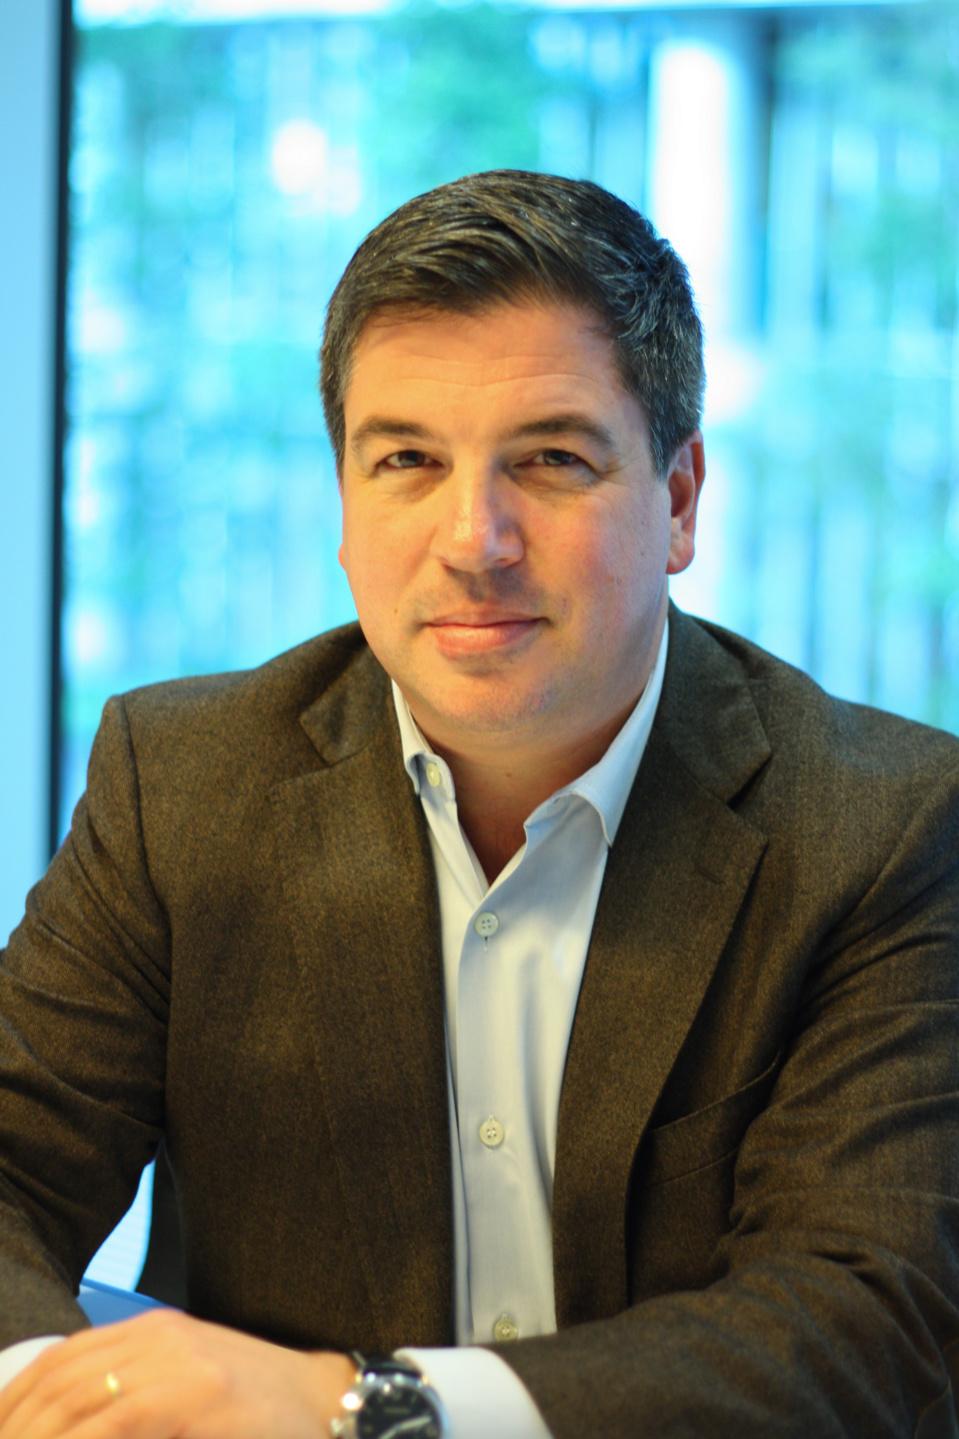 Simon Paris veillera à la poursuite de la croissance et de l'innovation de l'entreprise.